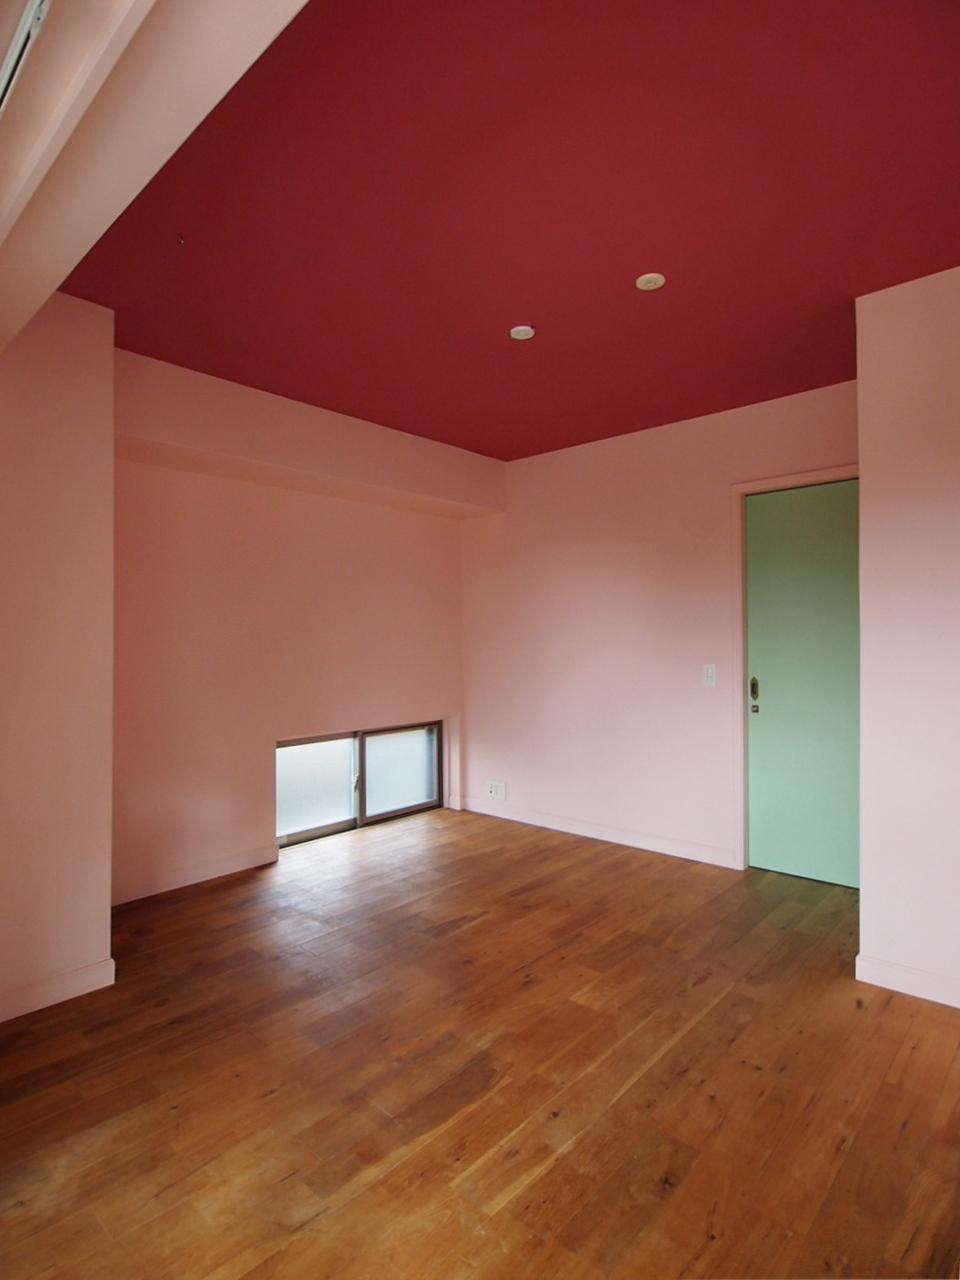 主寝室はネイビー系のカラーに塗装予定